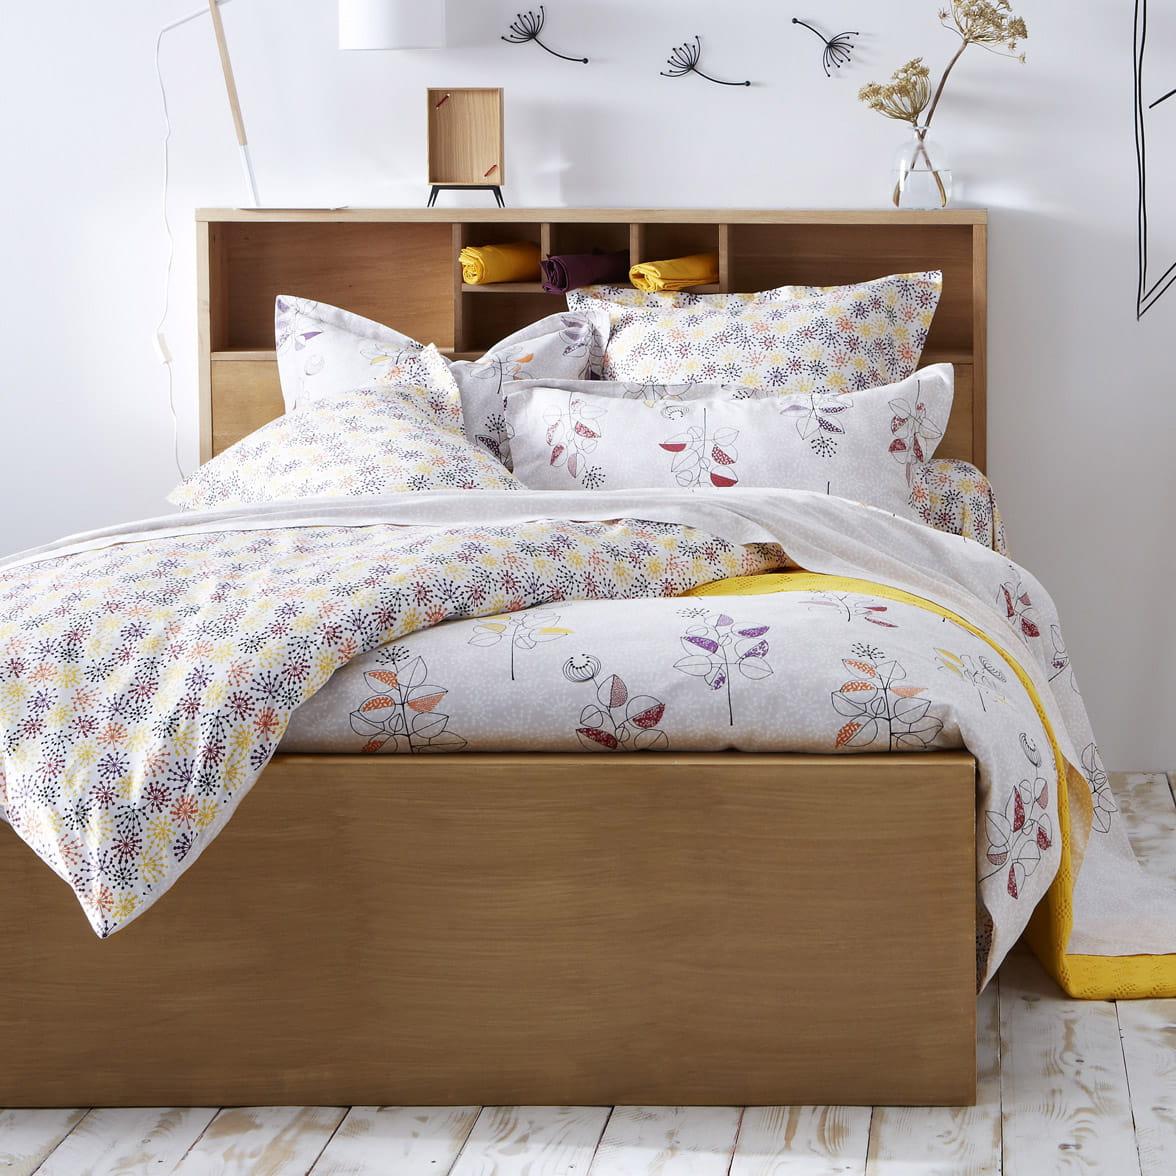 linge de lit branches et fleurs de tocade linge de lit a sent le printemps journal des. Black Bedroom Furniture Sets. Home Design Ideas